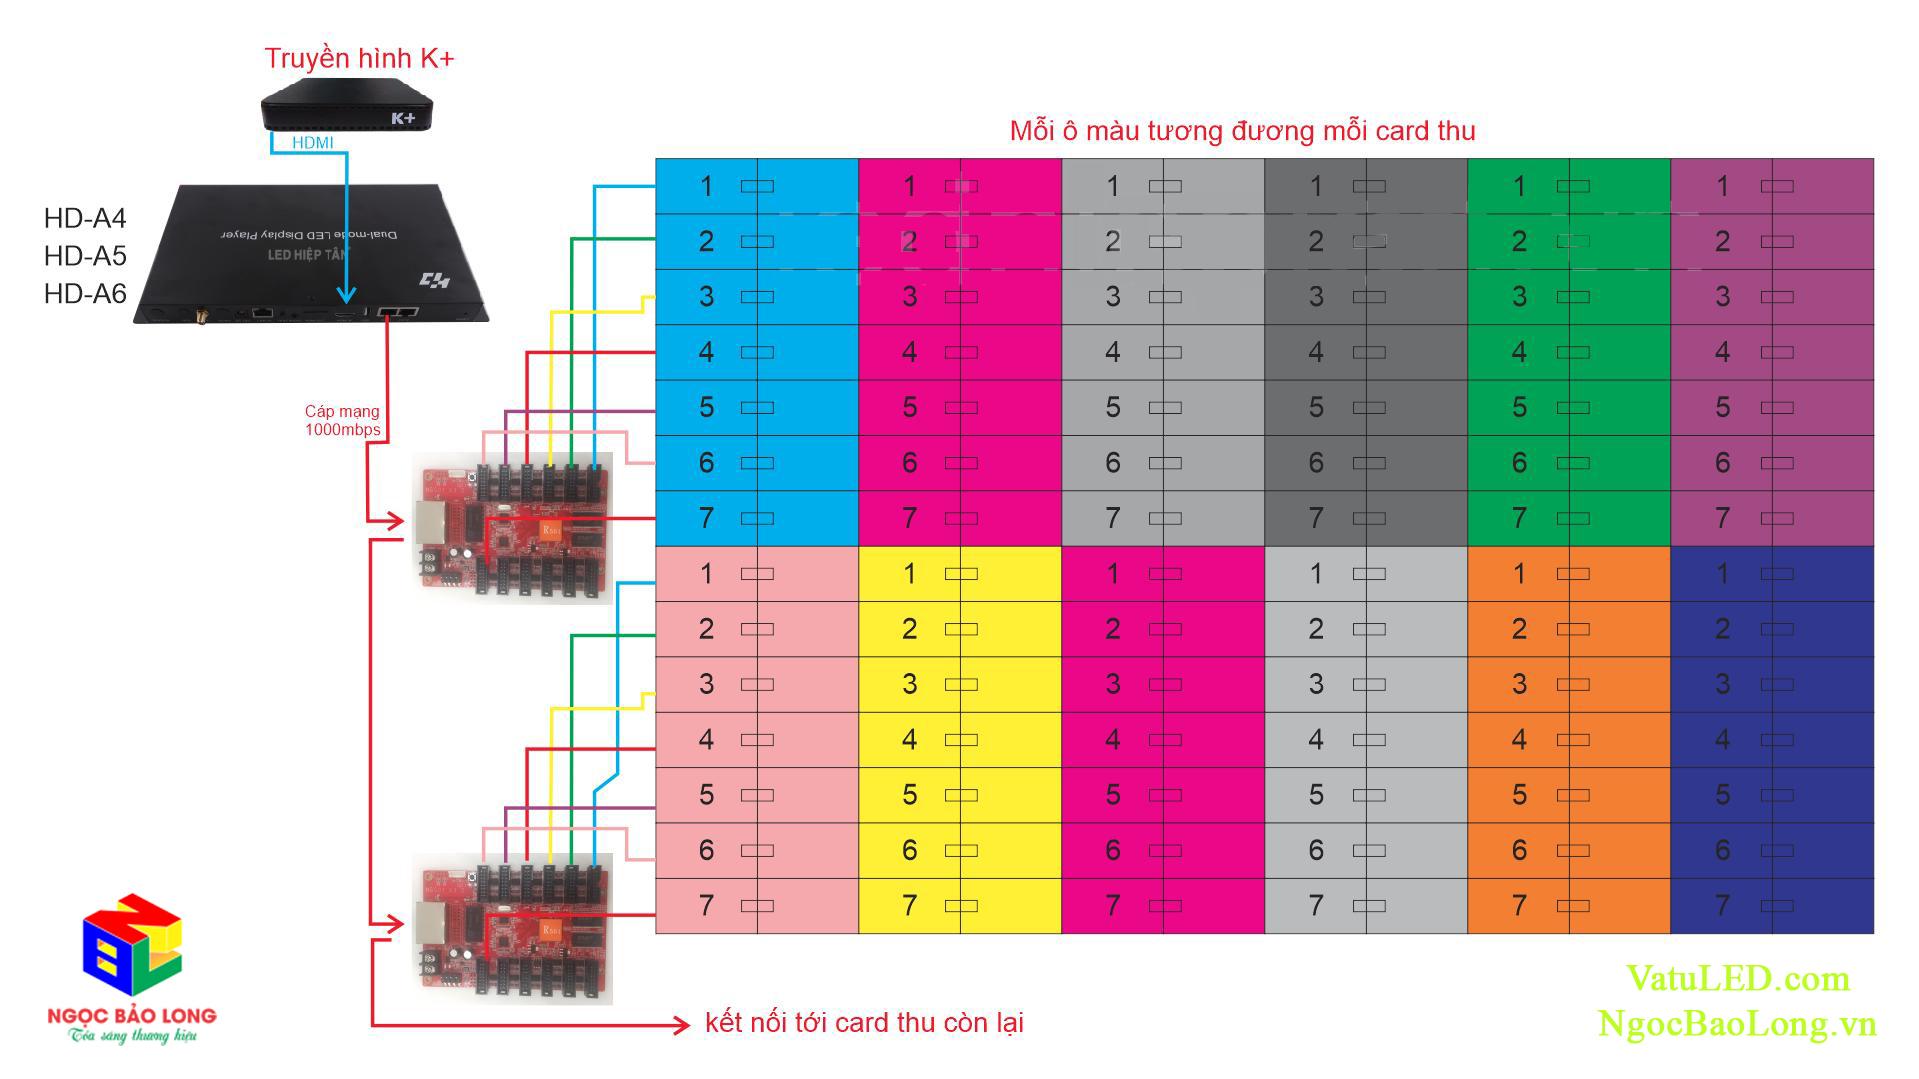 Cach-dau-noi-card-HD-A4-voi-Card-Nhan-HD-R512-va-Truyen-hinh-K+